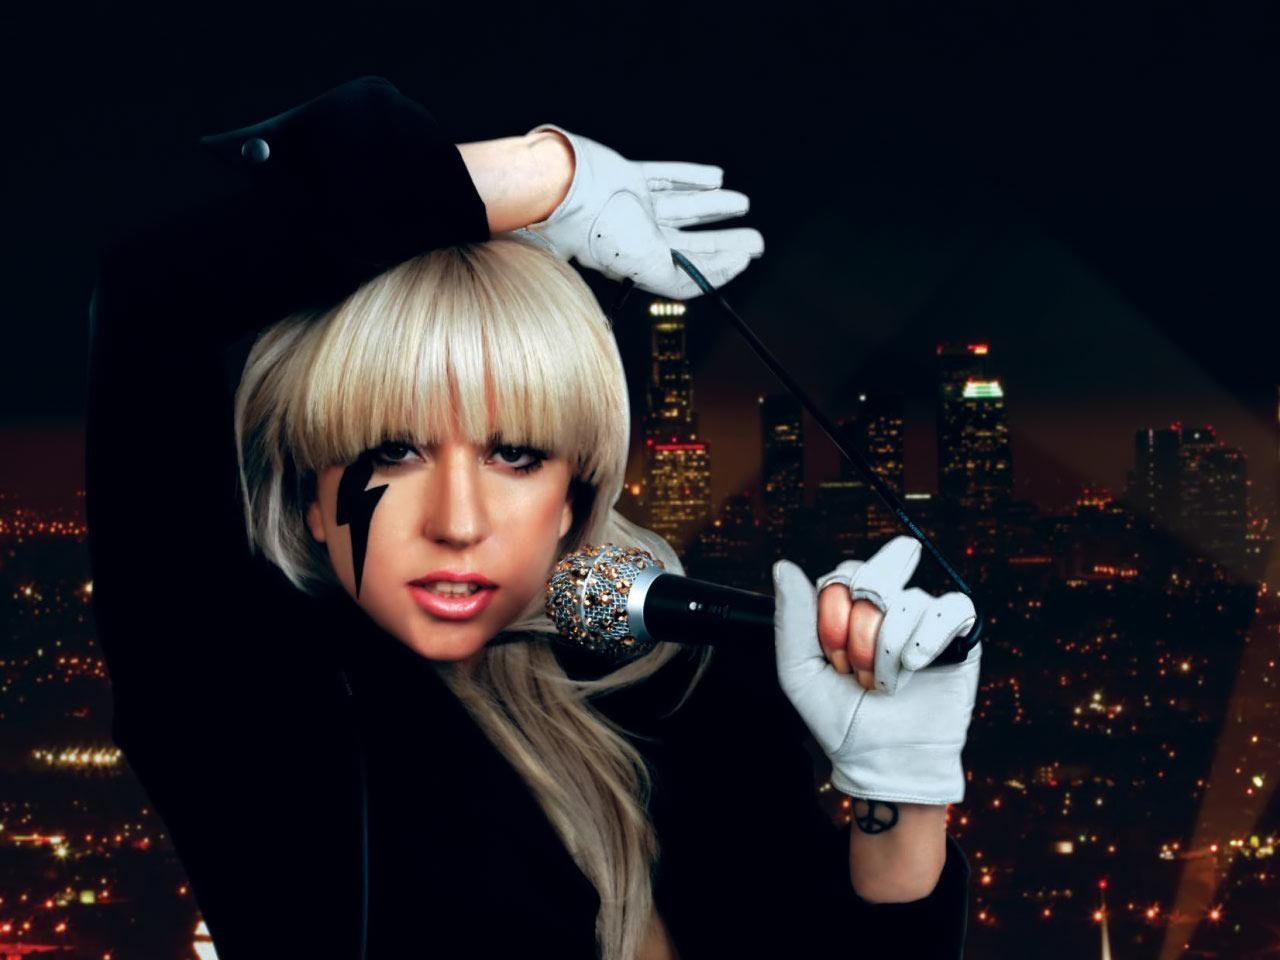 http://1.bp.blogspot.com/-dtsc0n6_Lv8/TqCpBTumVxI/AAAAAAAACB8/RAEnSfYHlPo/s1600/Lady+Gaga.jpg